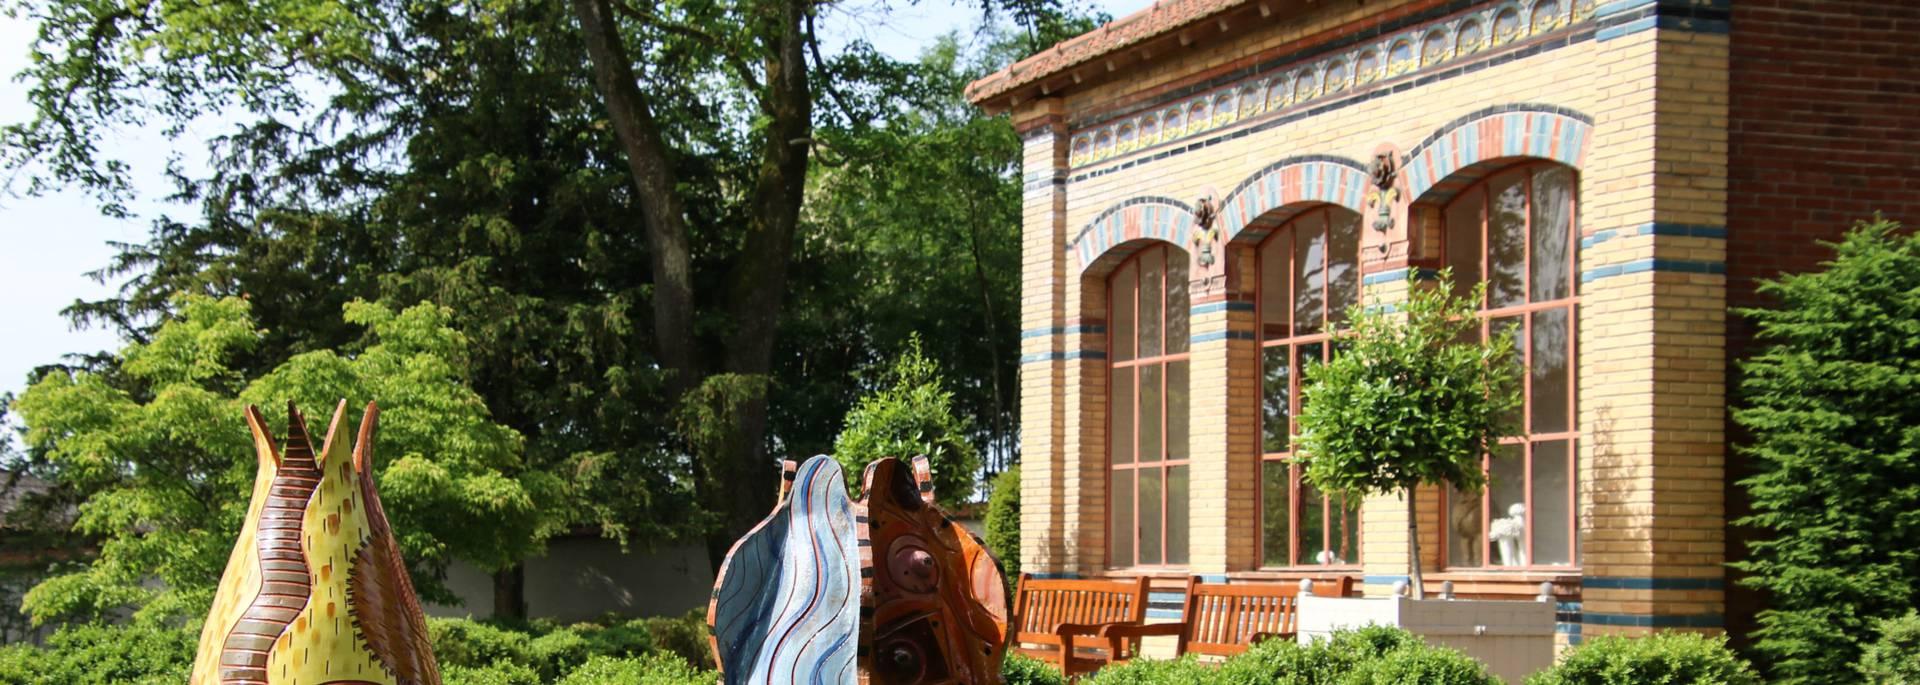 Orangerie de la Villa Perrusson, Écuisses. © Lesley Williamson.